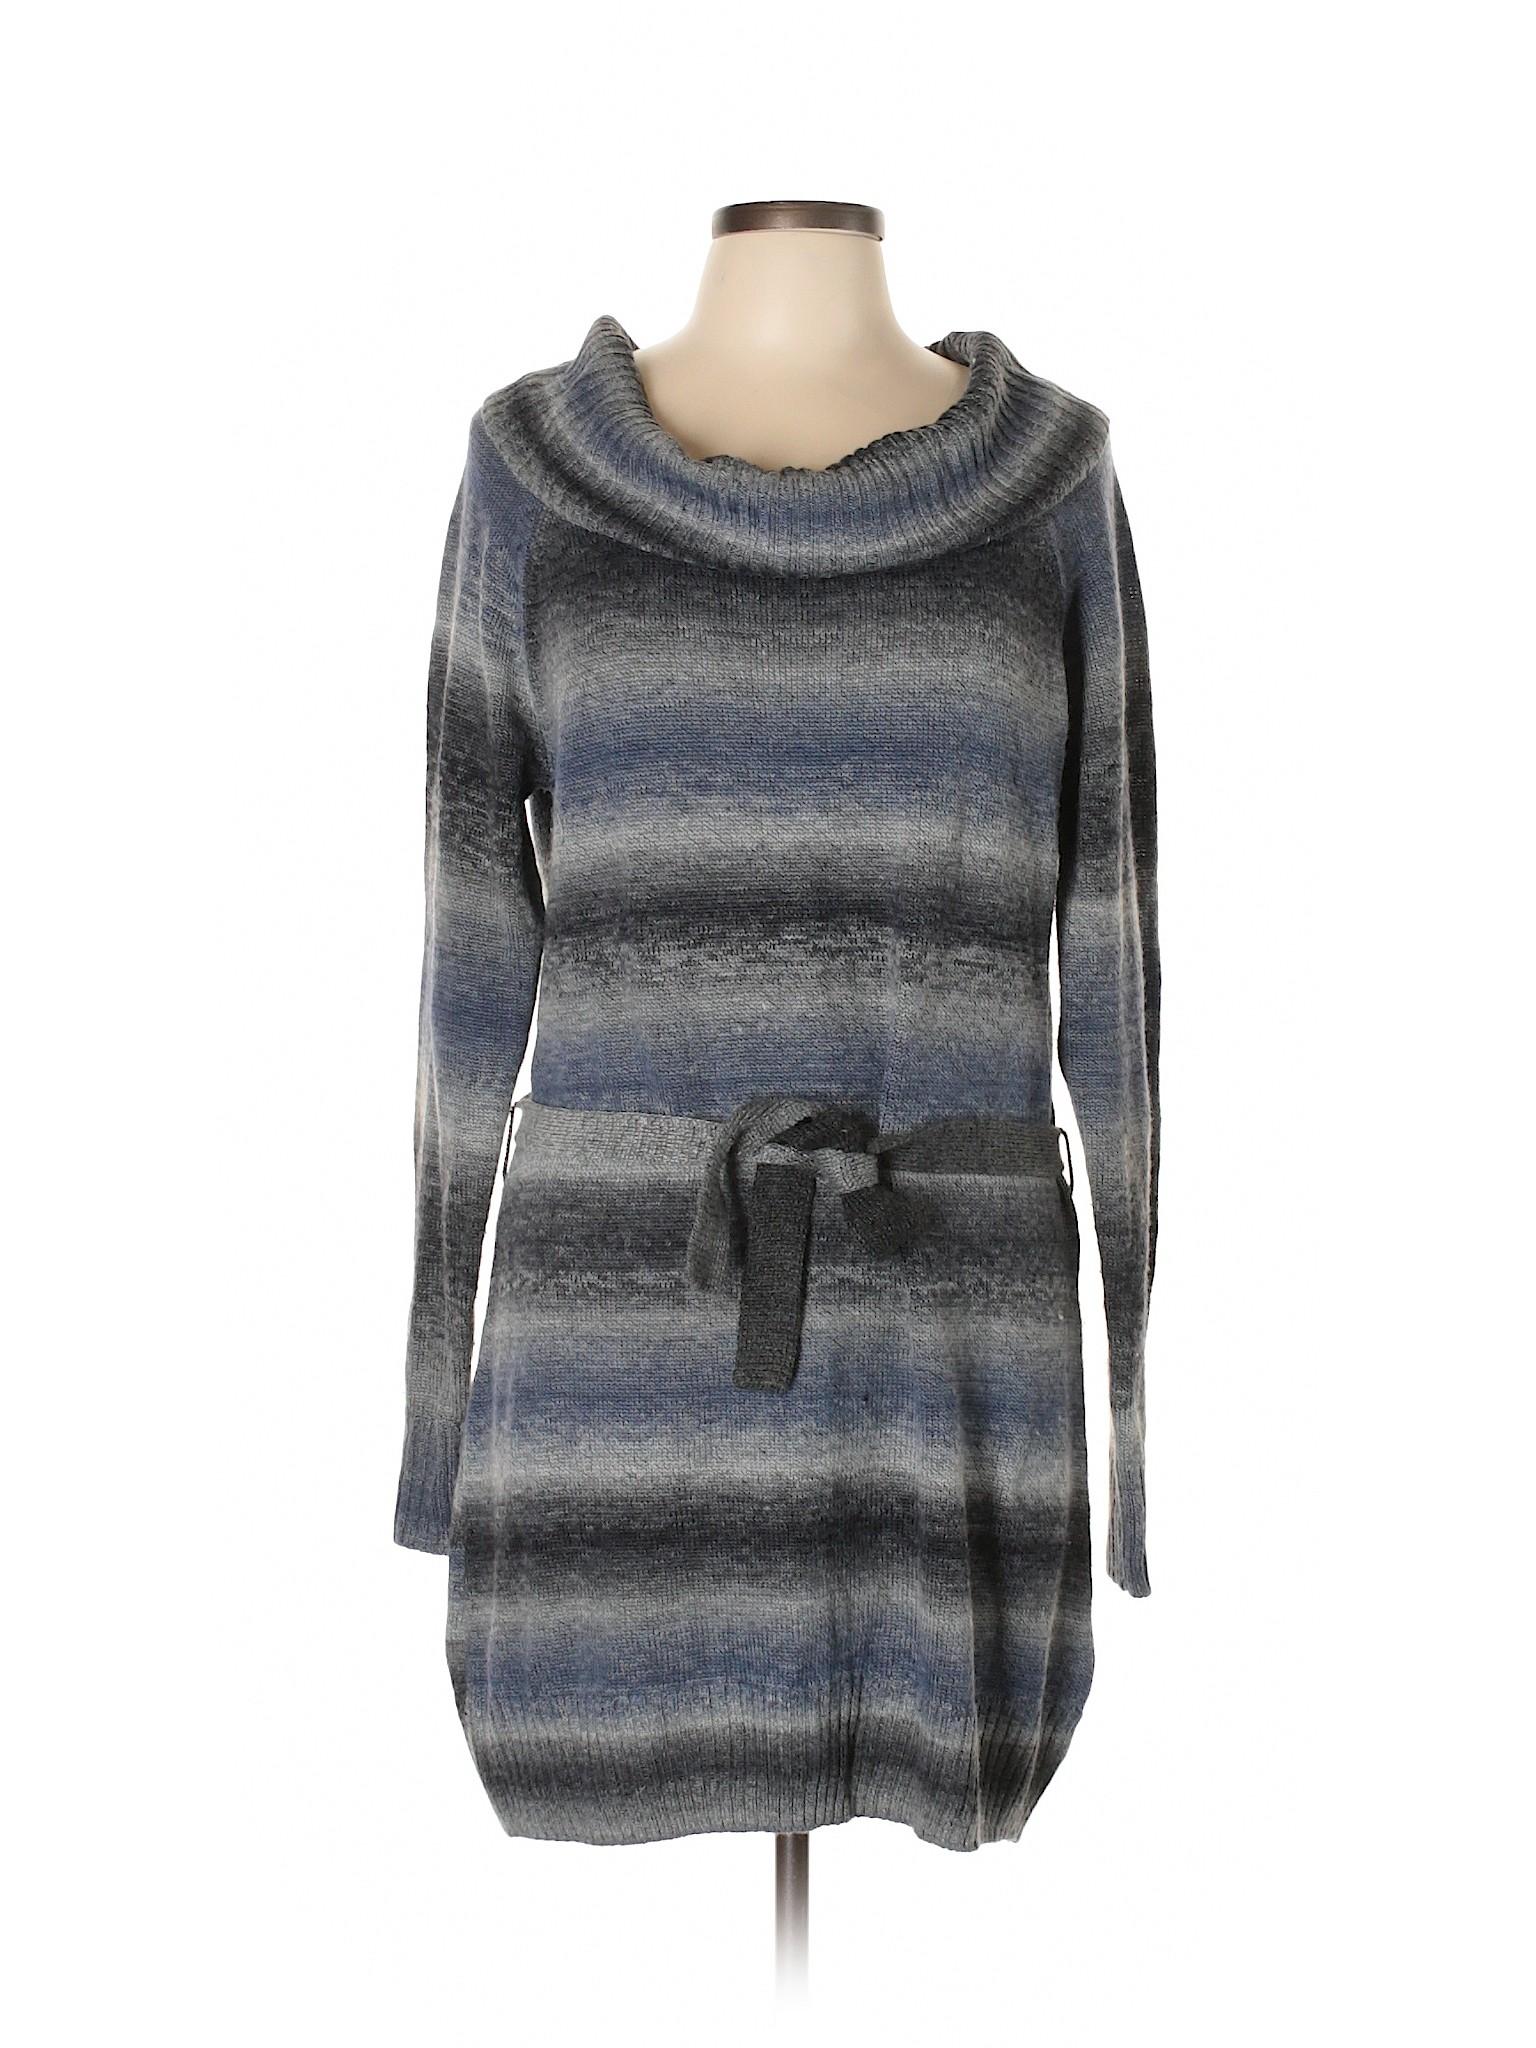 Boutique AB Pullover winter Sweater Studio BwHzwZq6